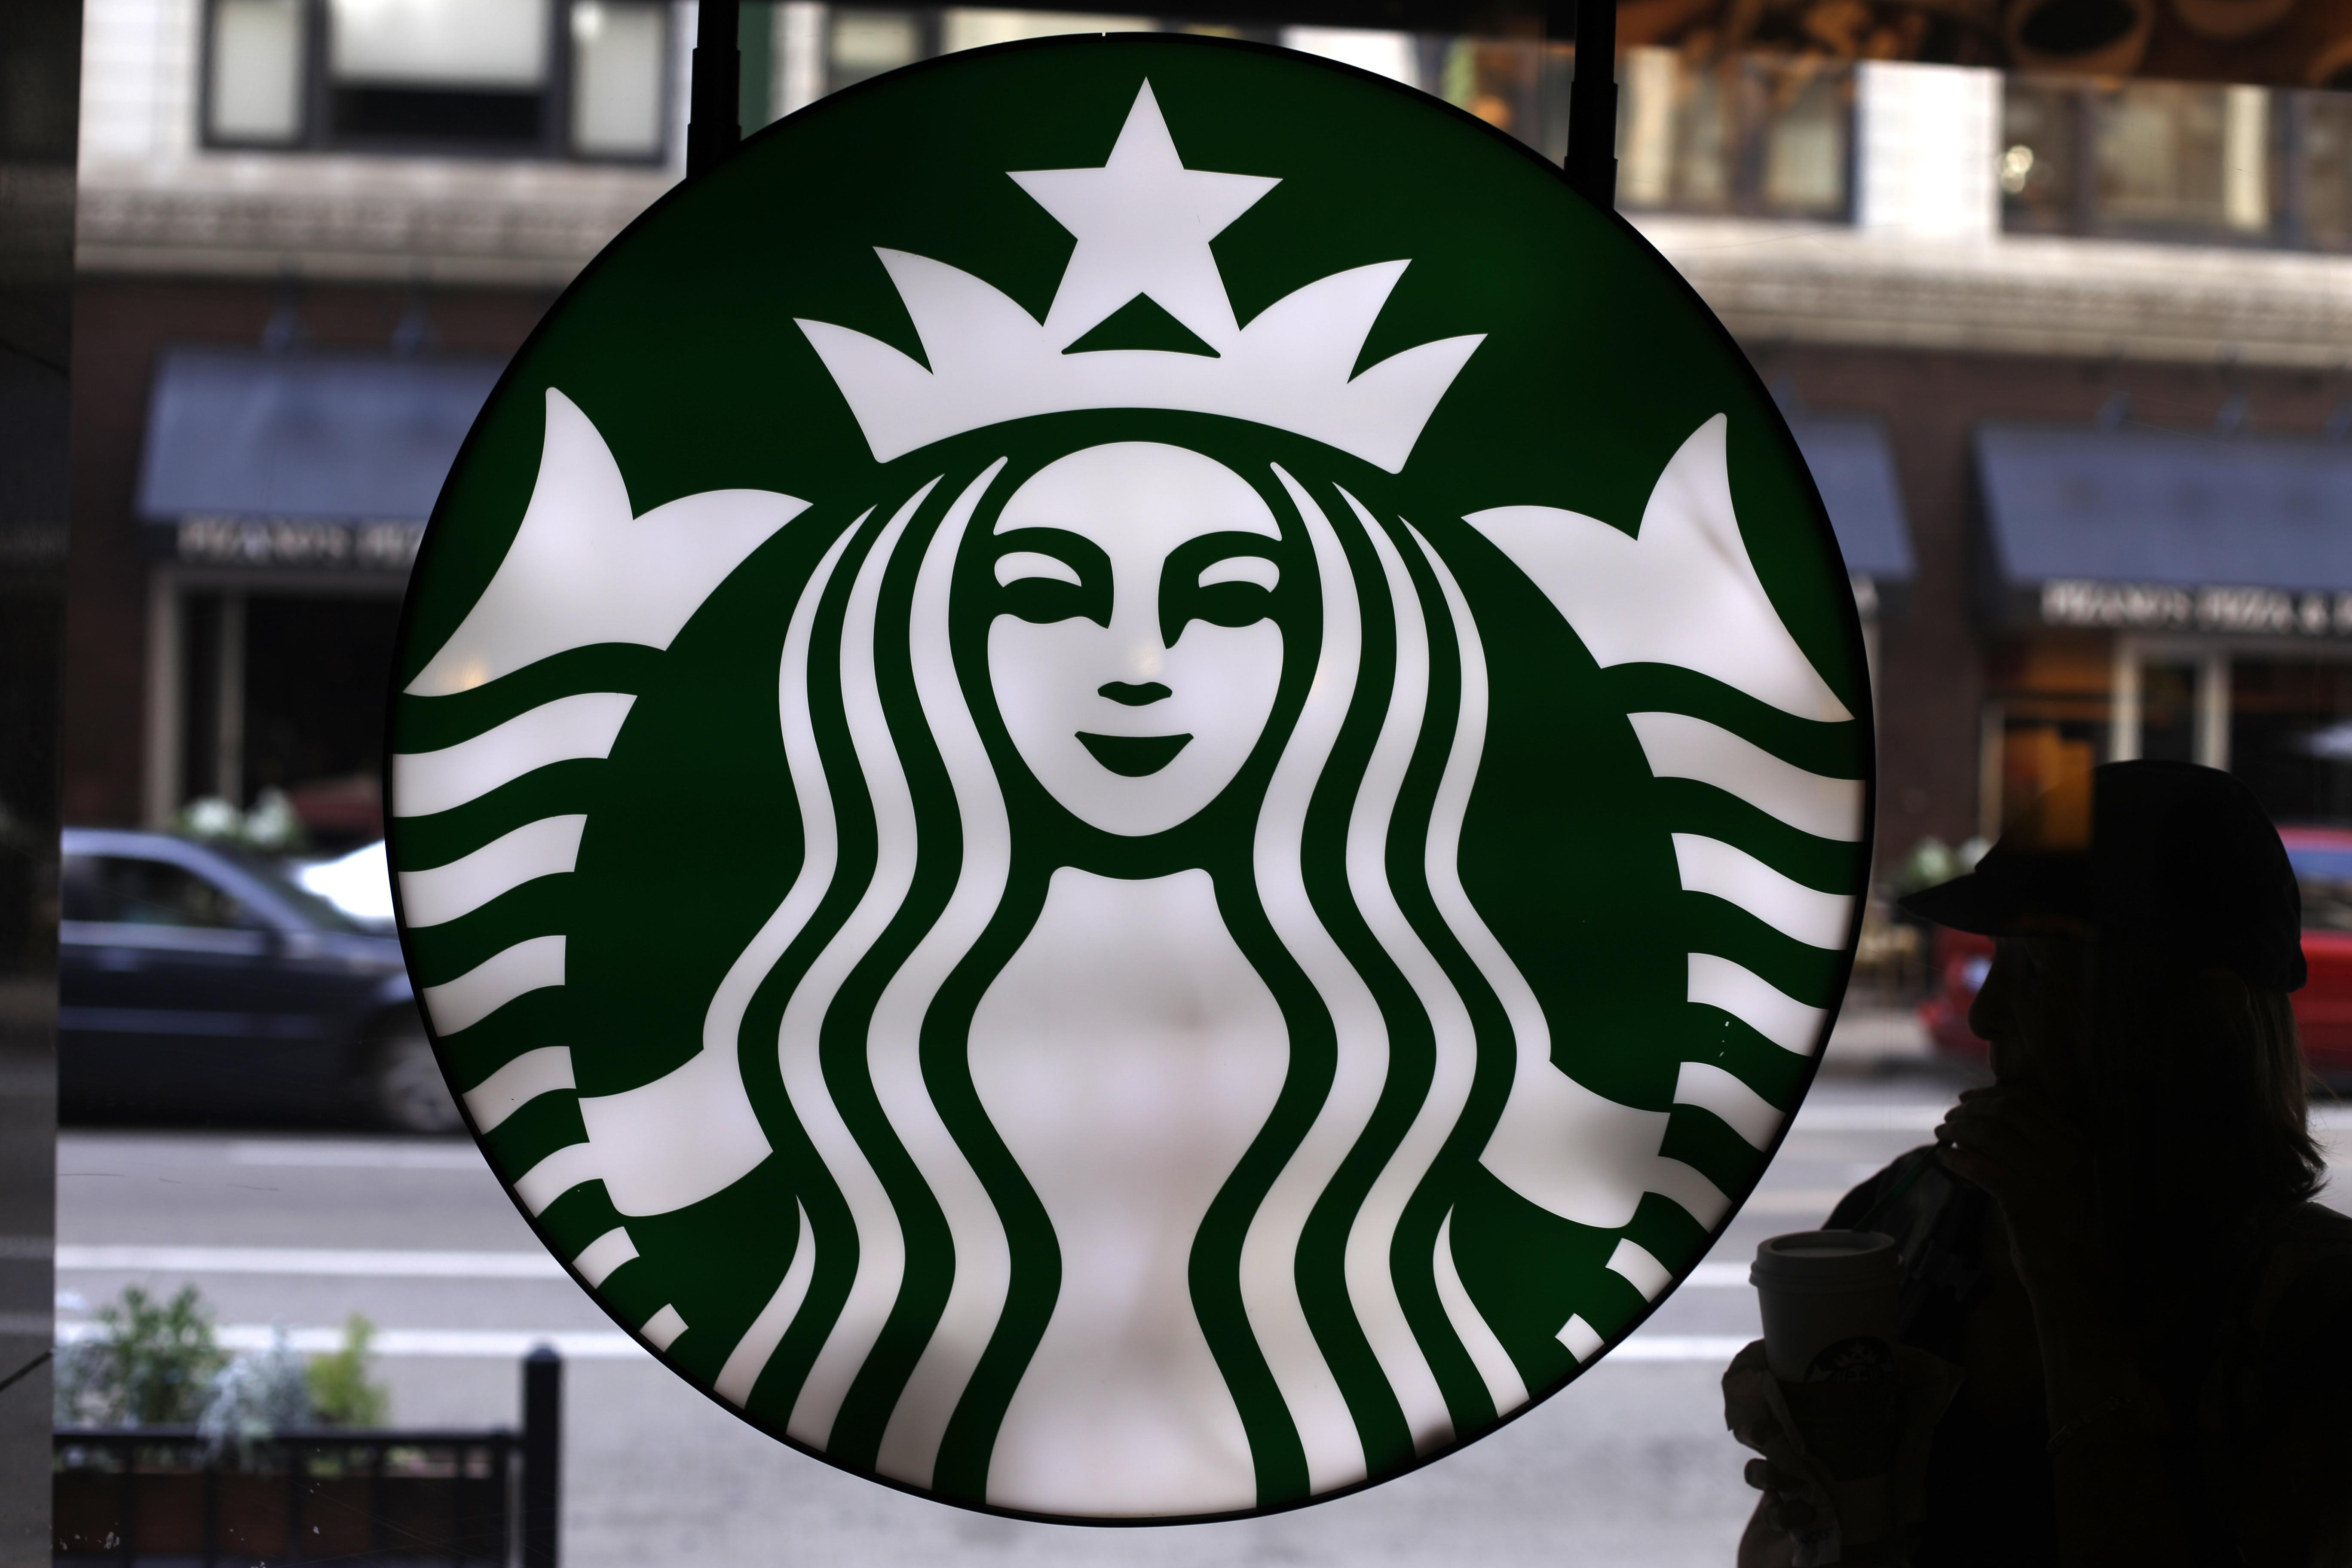 Starbucks prices are rising